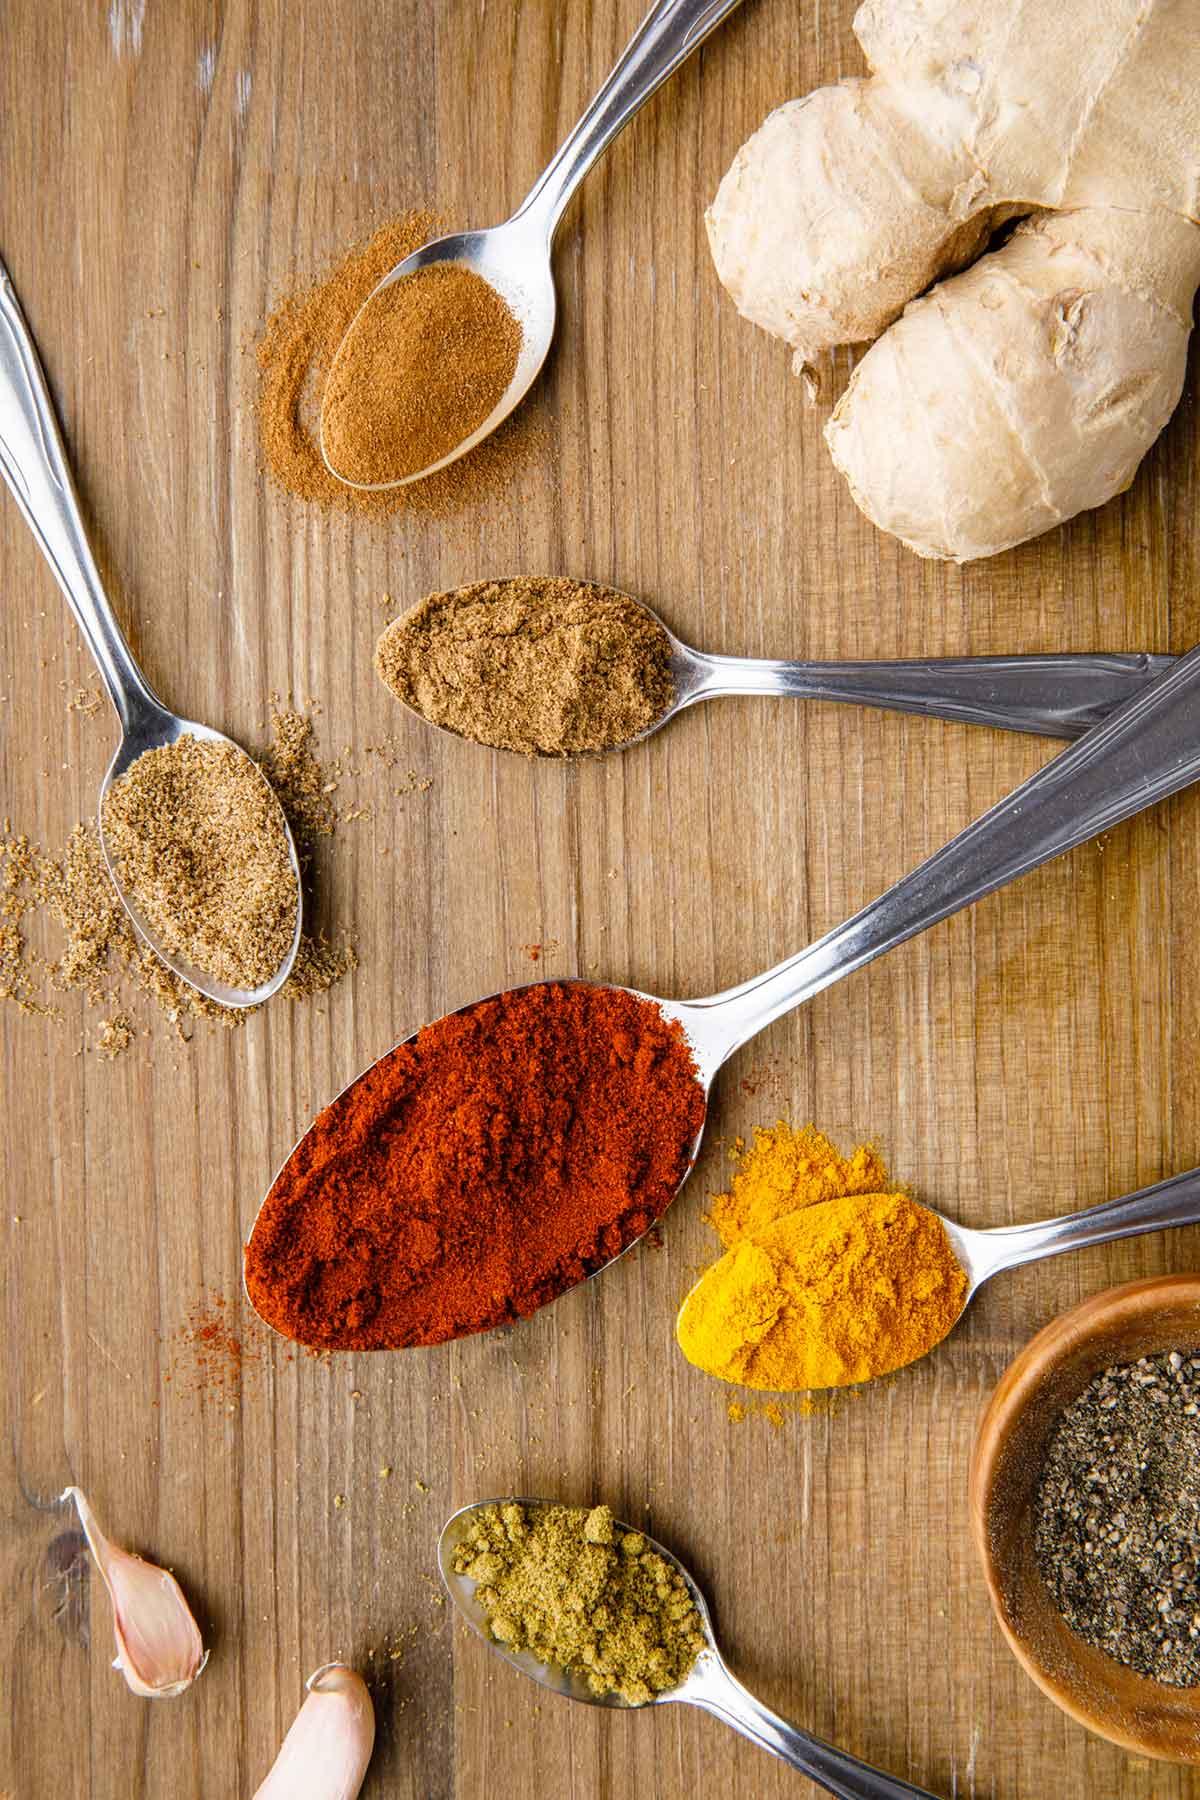 tandoori chicken spices